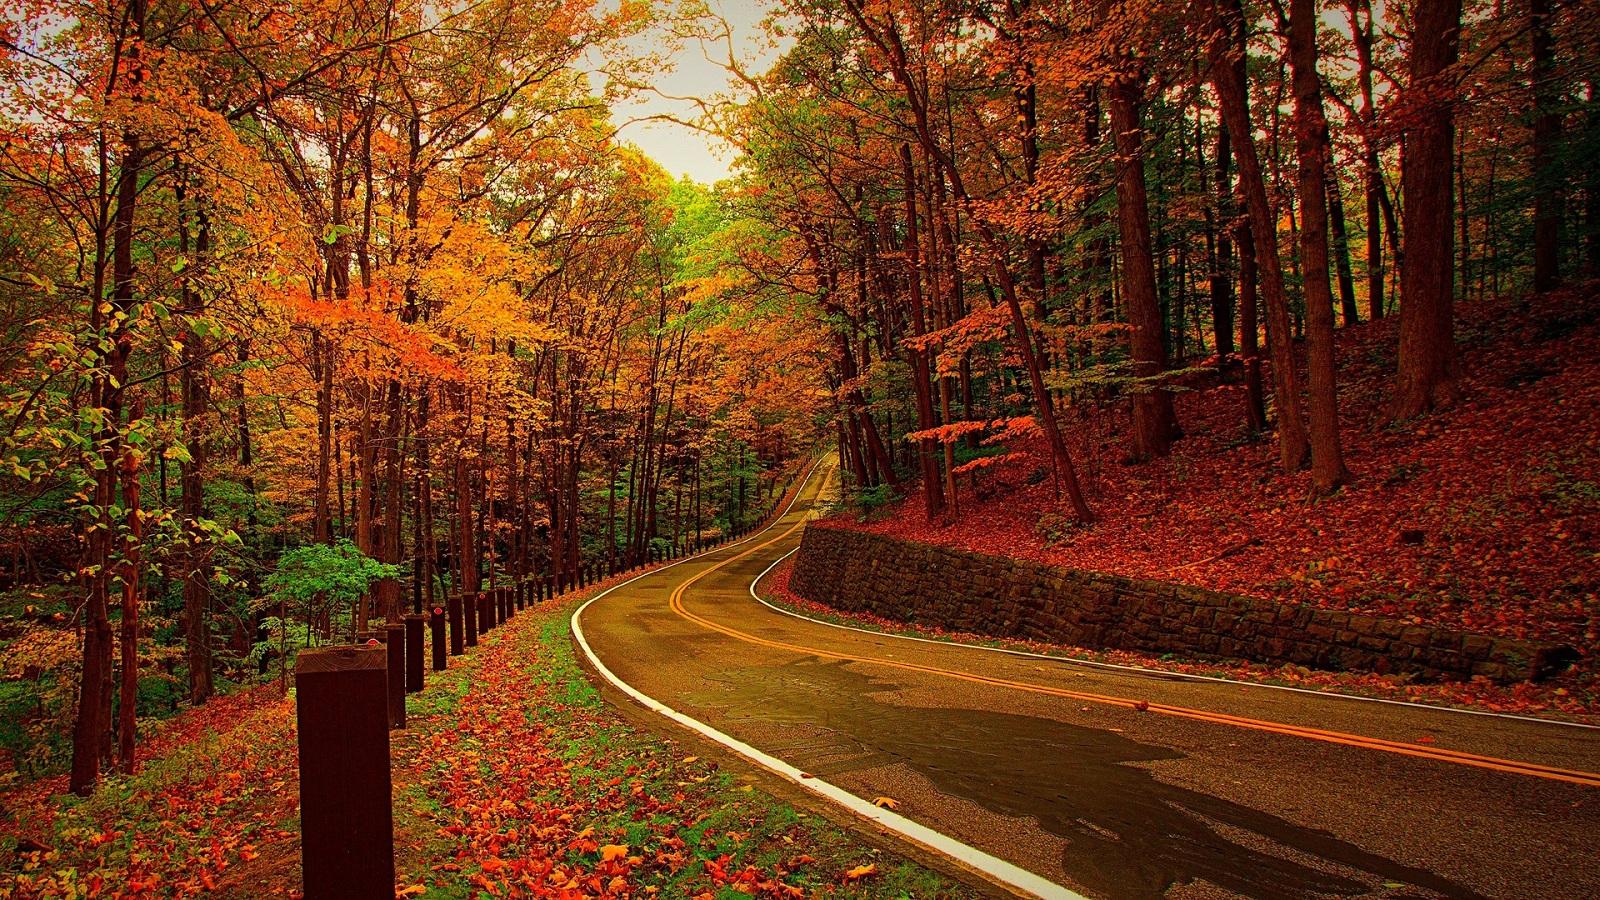 【听客】林语堂,我偏爱的季节